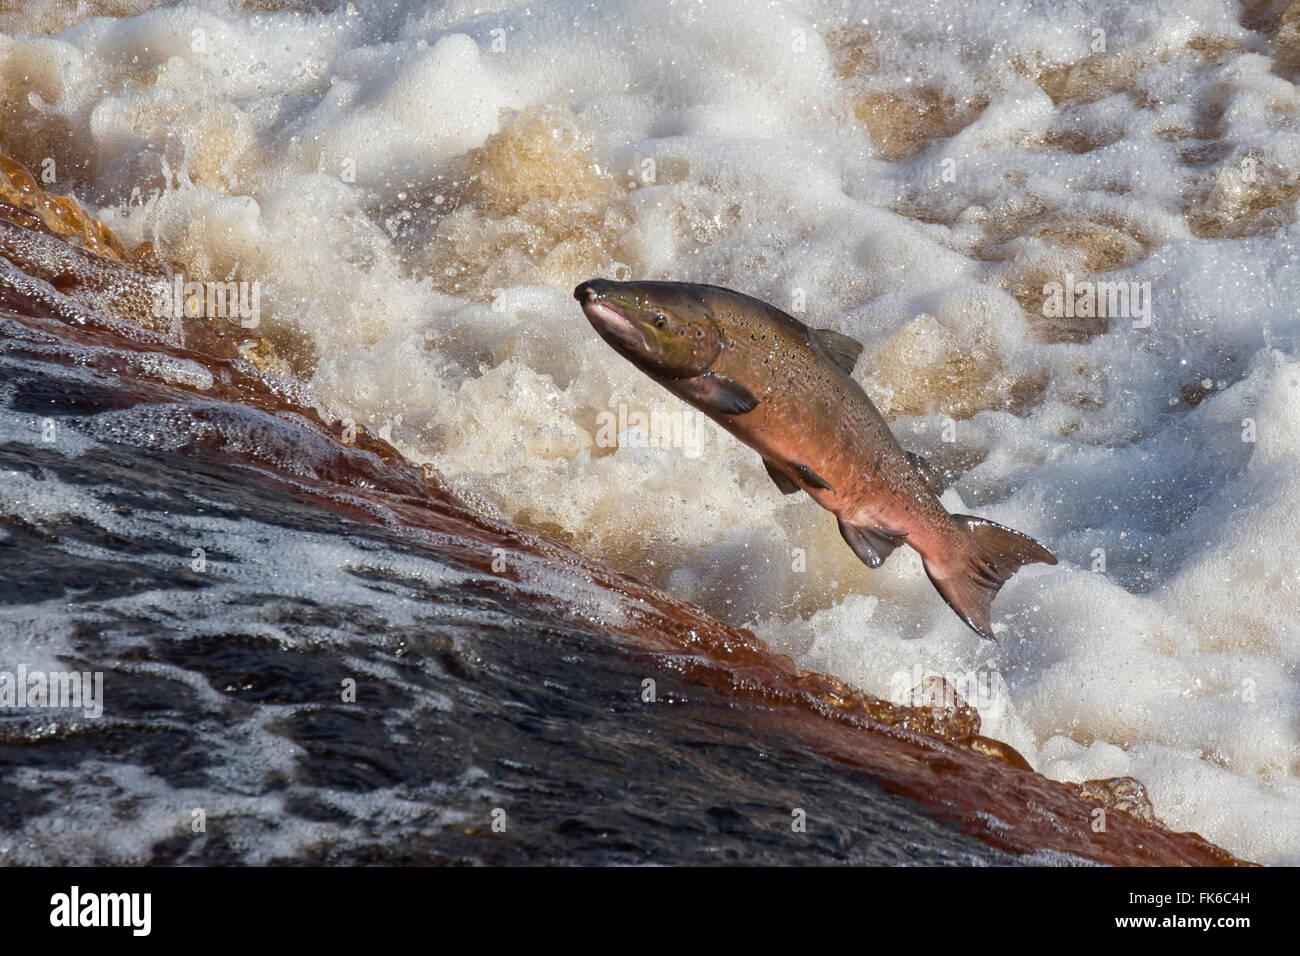 Salmón del Atlántico (Salmo salar) saltando sobre migración aguas arriba, el río Tyne, Hexham, Imagen De Stock